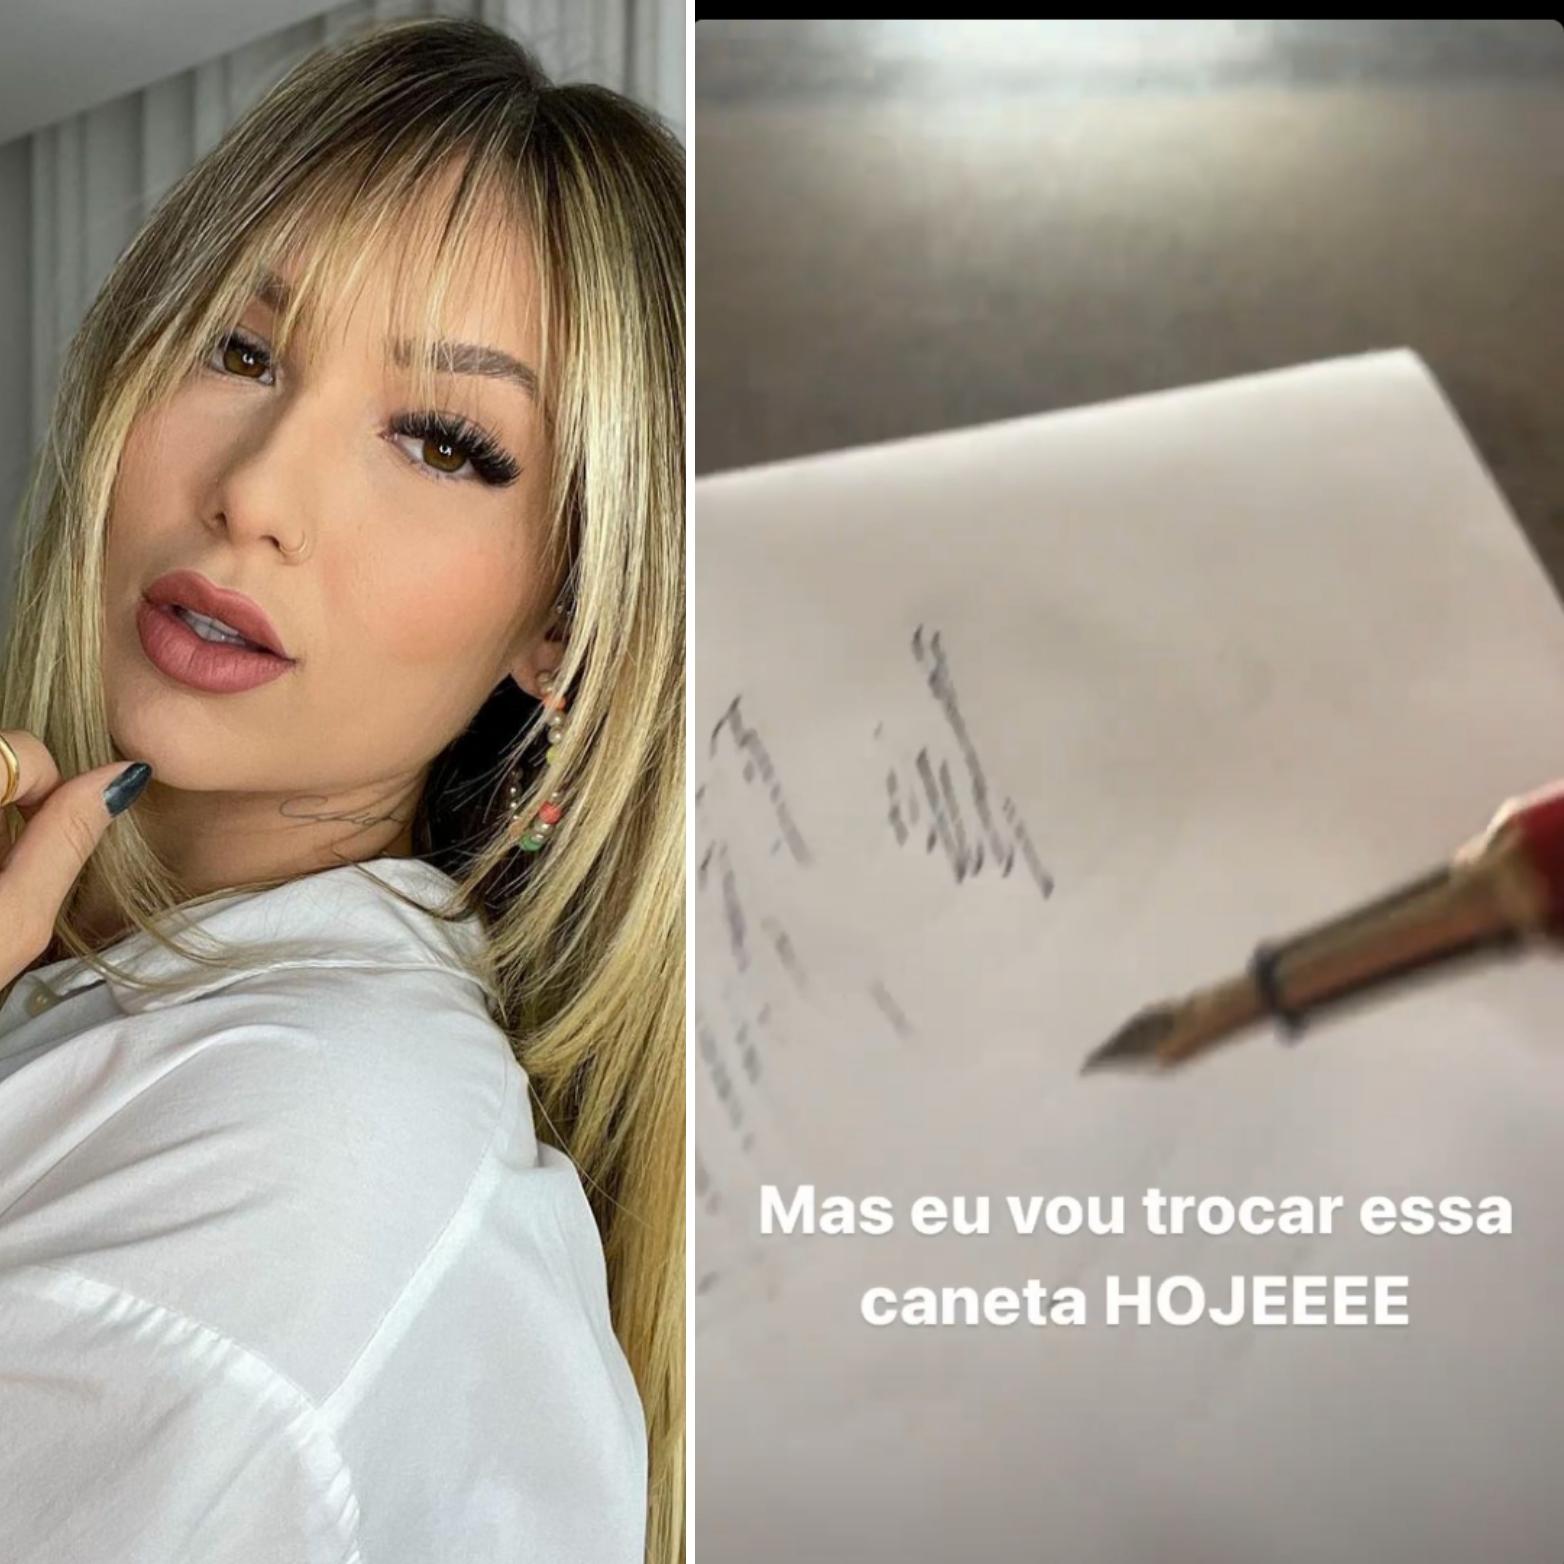 """Virginia Fonseca reclama após comprar caneta de R$7700 """"Não funciona"""""""